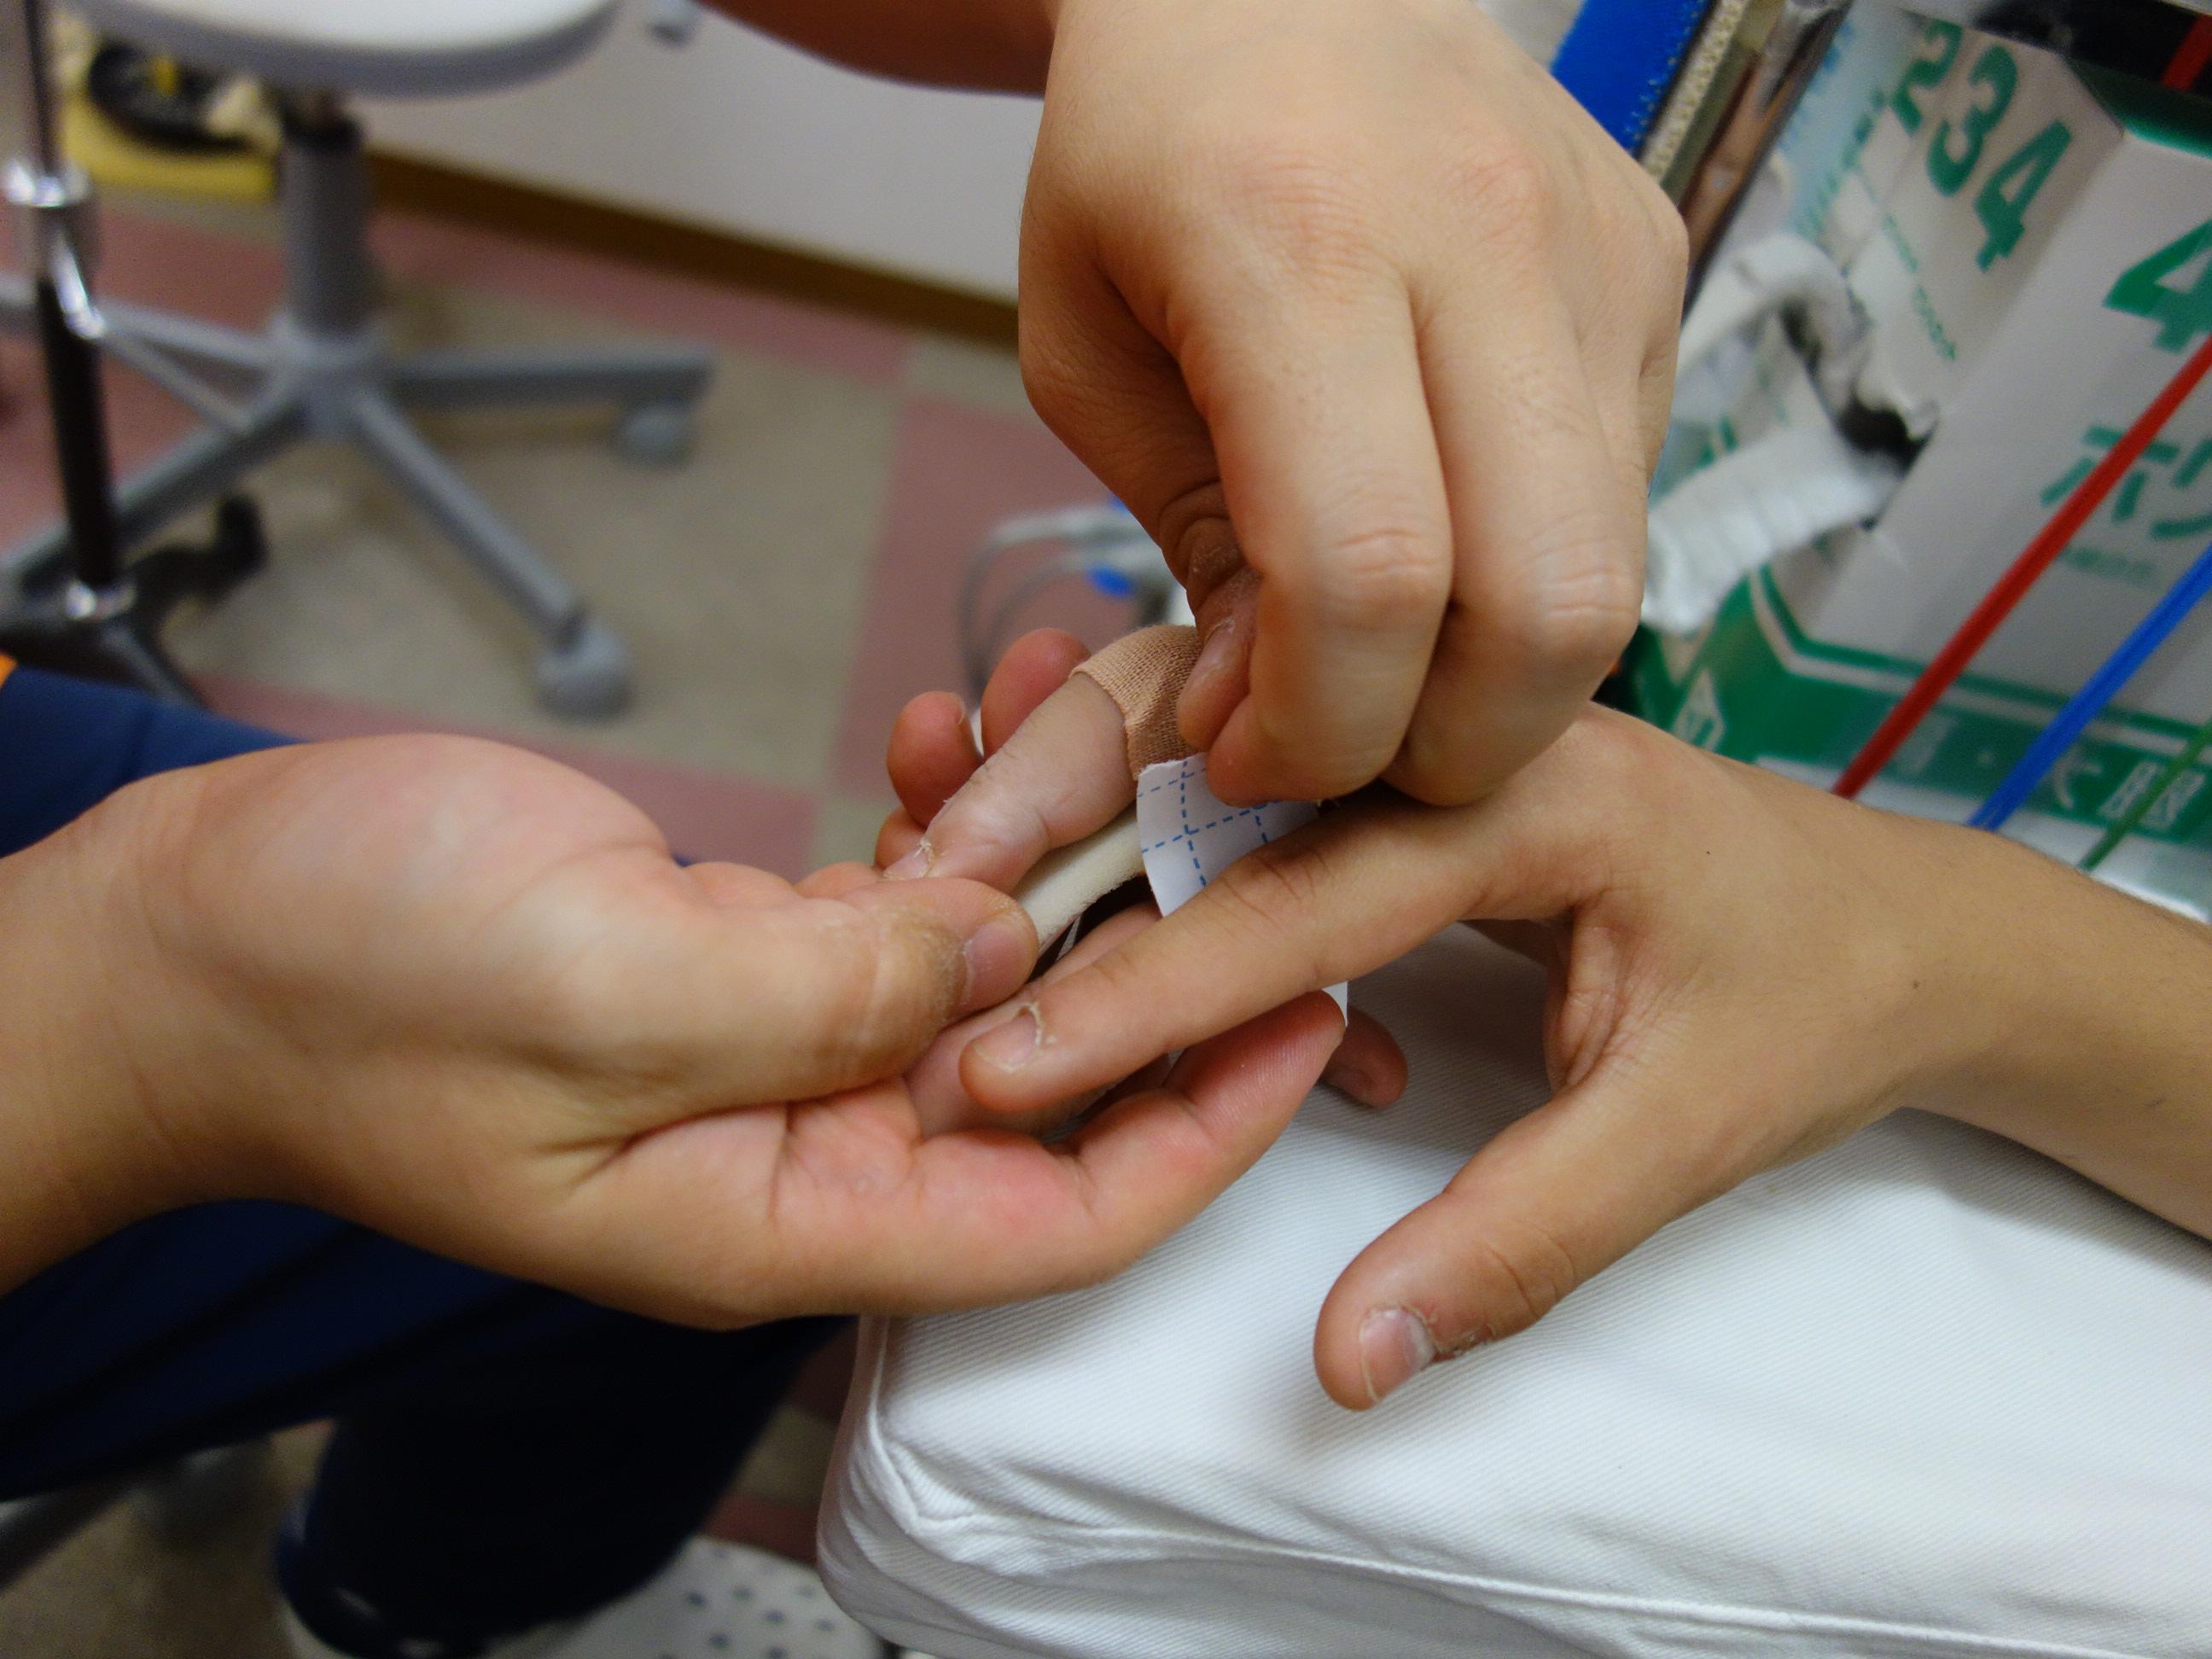 つき指の固定の治療をしている写真